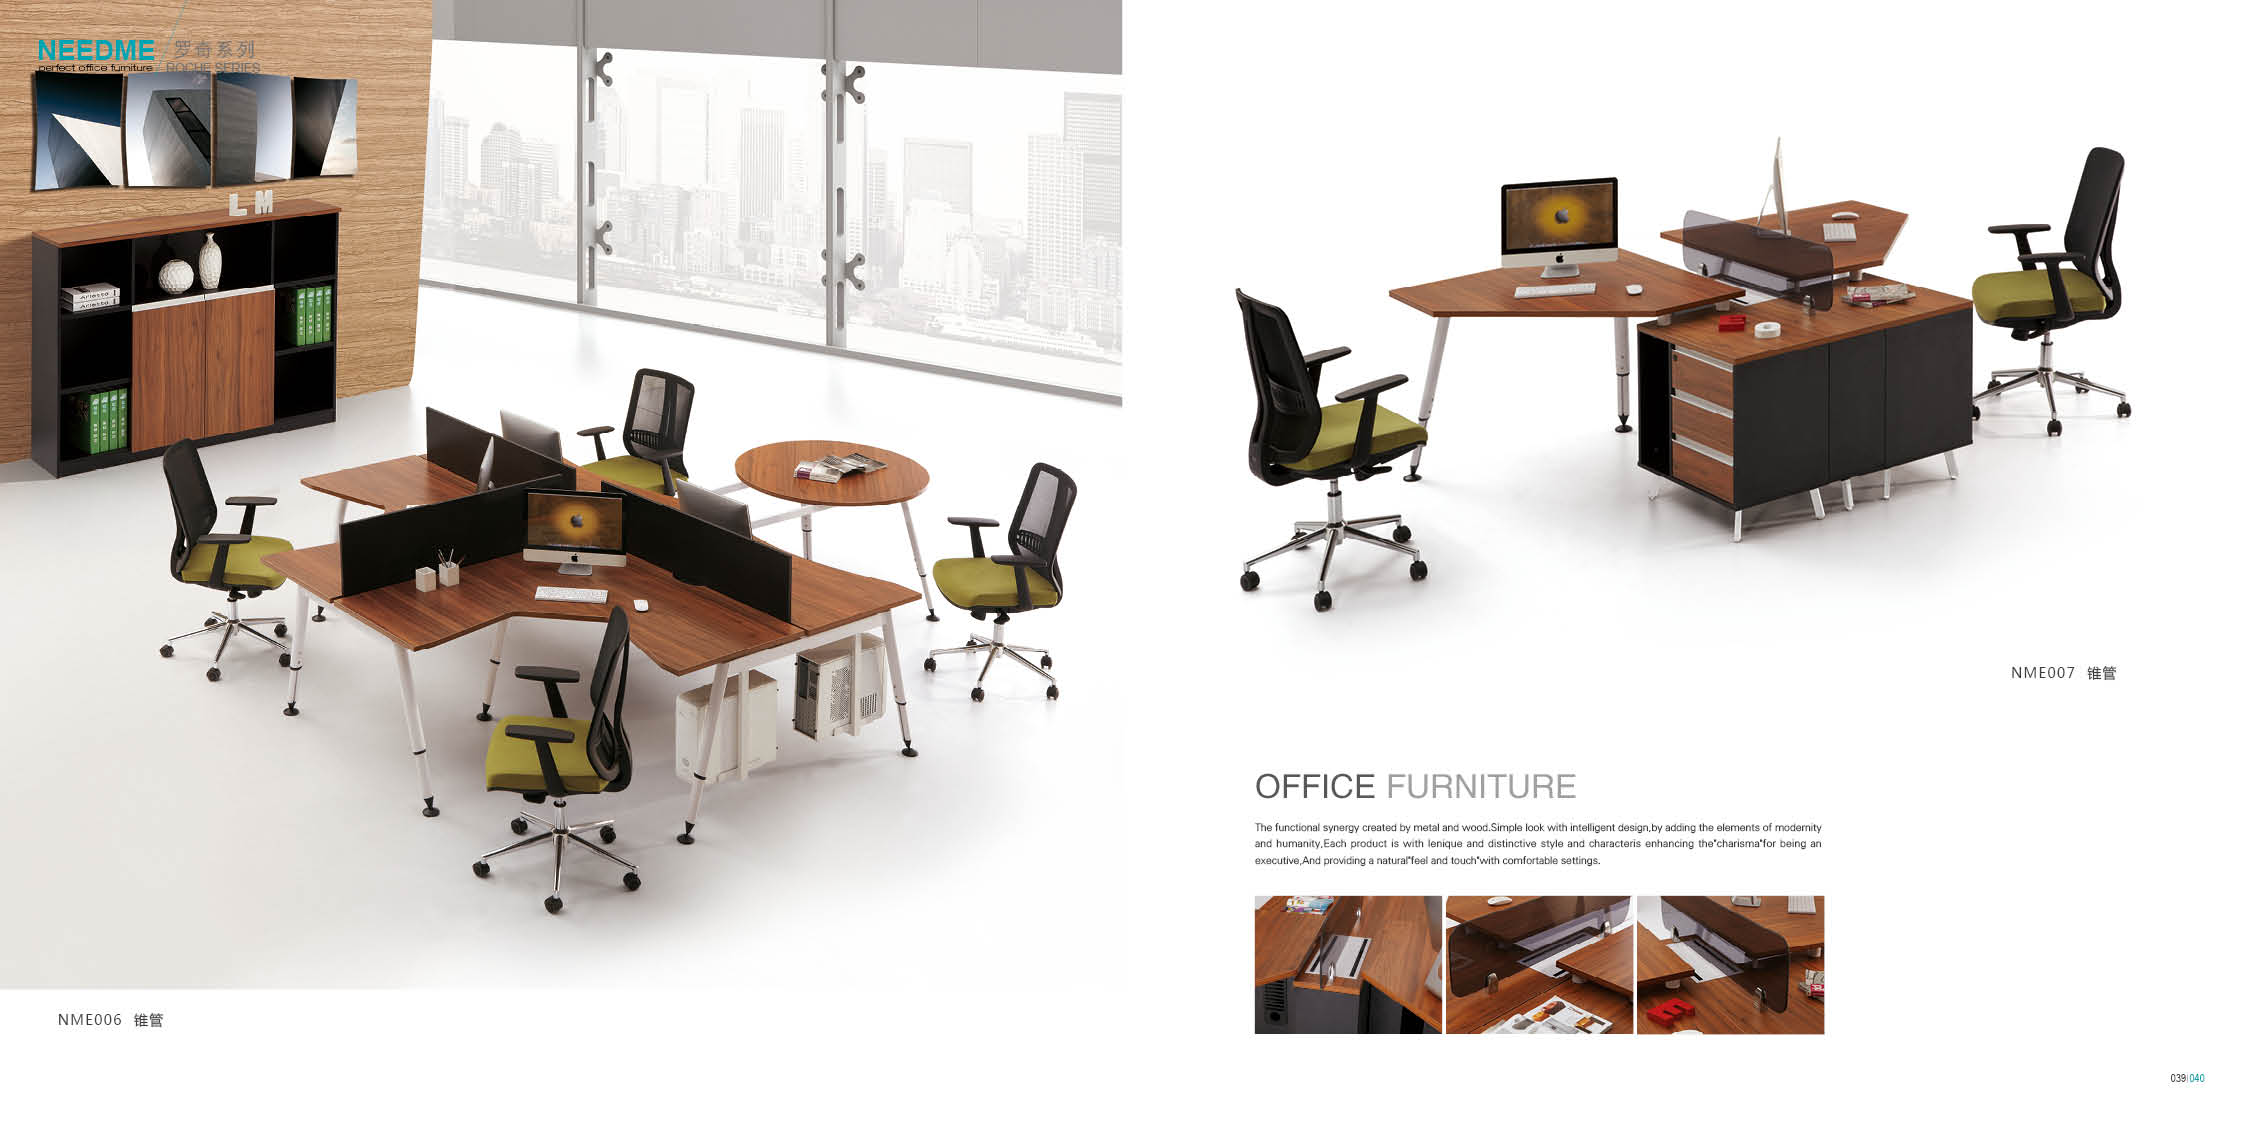 办公桌NME006,007